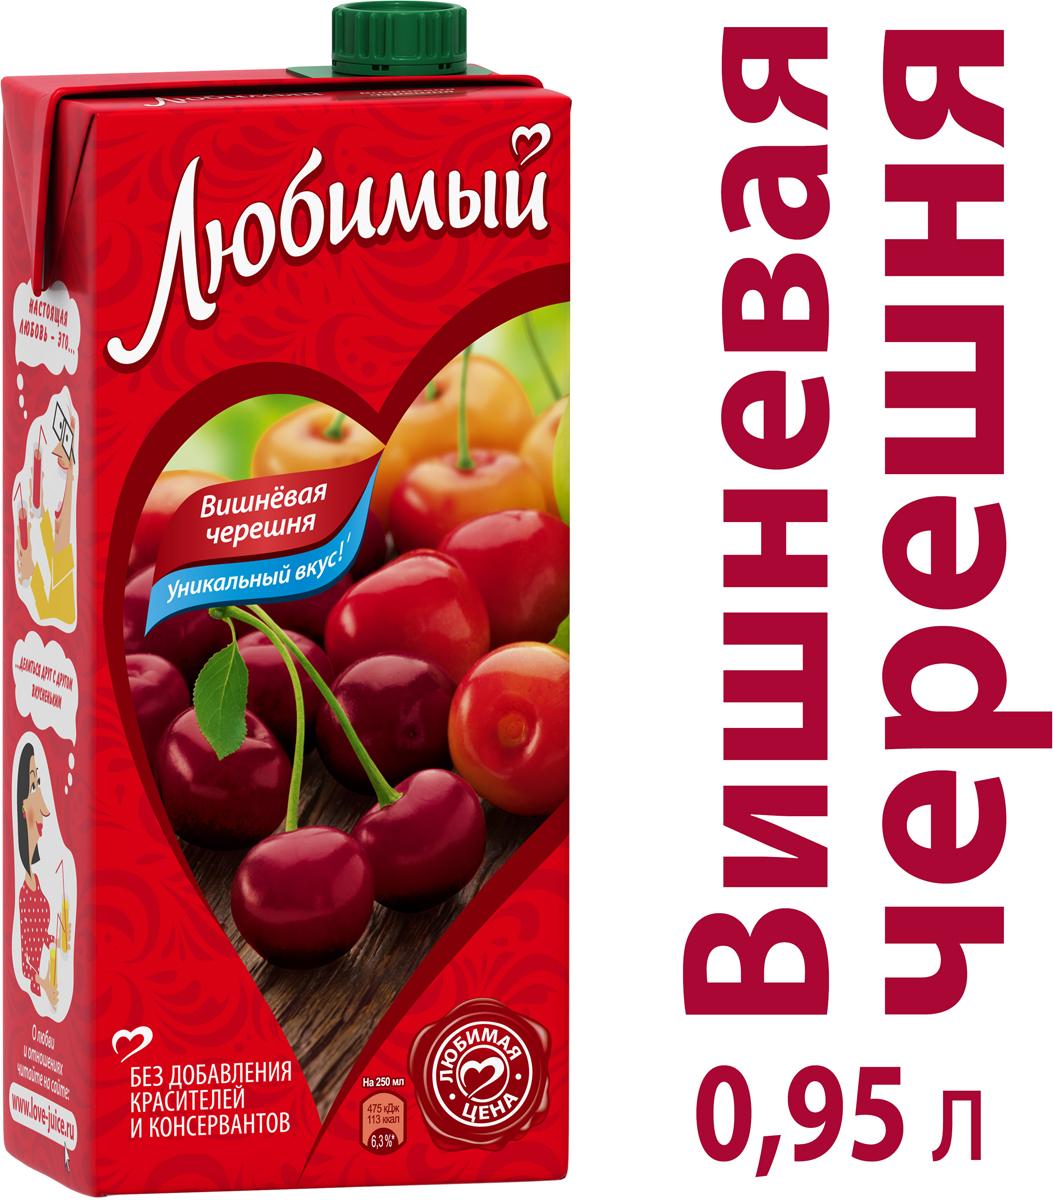 Любимый Яблоко-Вишня-Черешня напиток сокосодержащий осветленный,0,95 л макаронные изделия bioitalia спиральки 500г